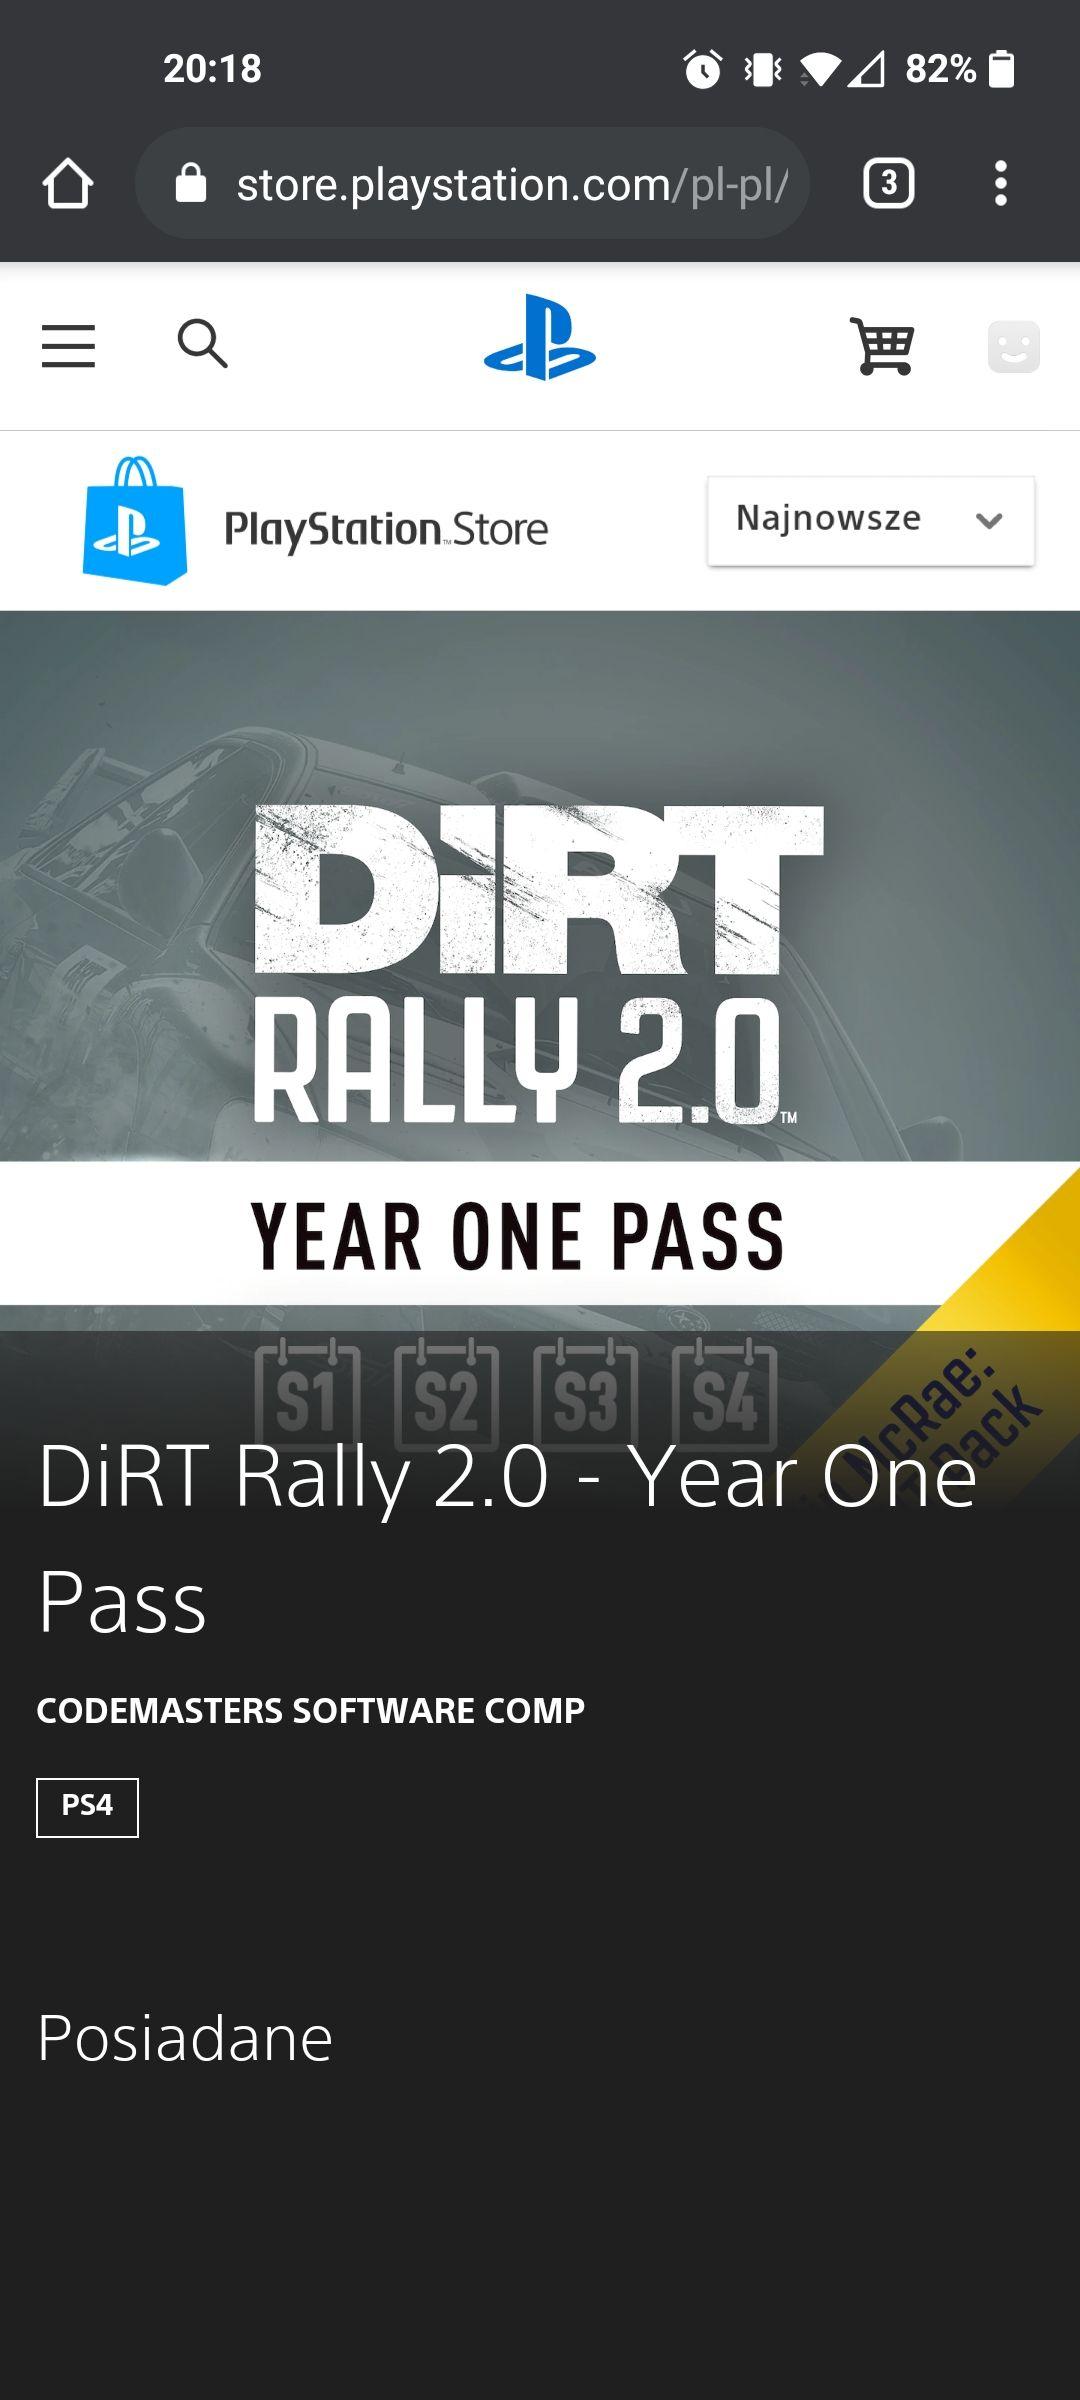 Dirt Rally 2.0 PS4 Year One Pass - wszystkie dodatki